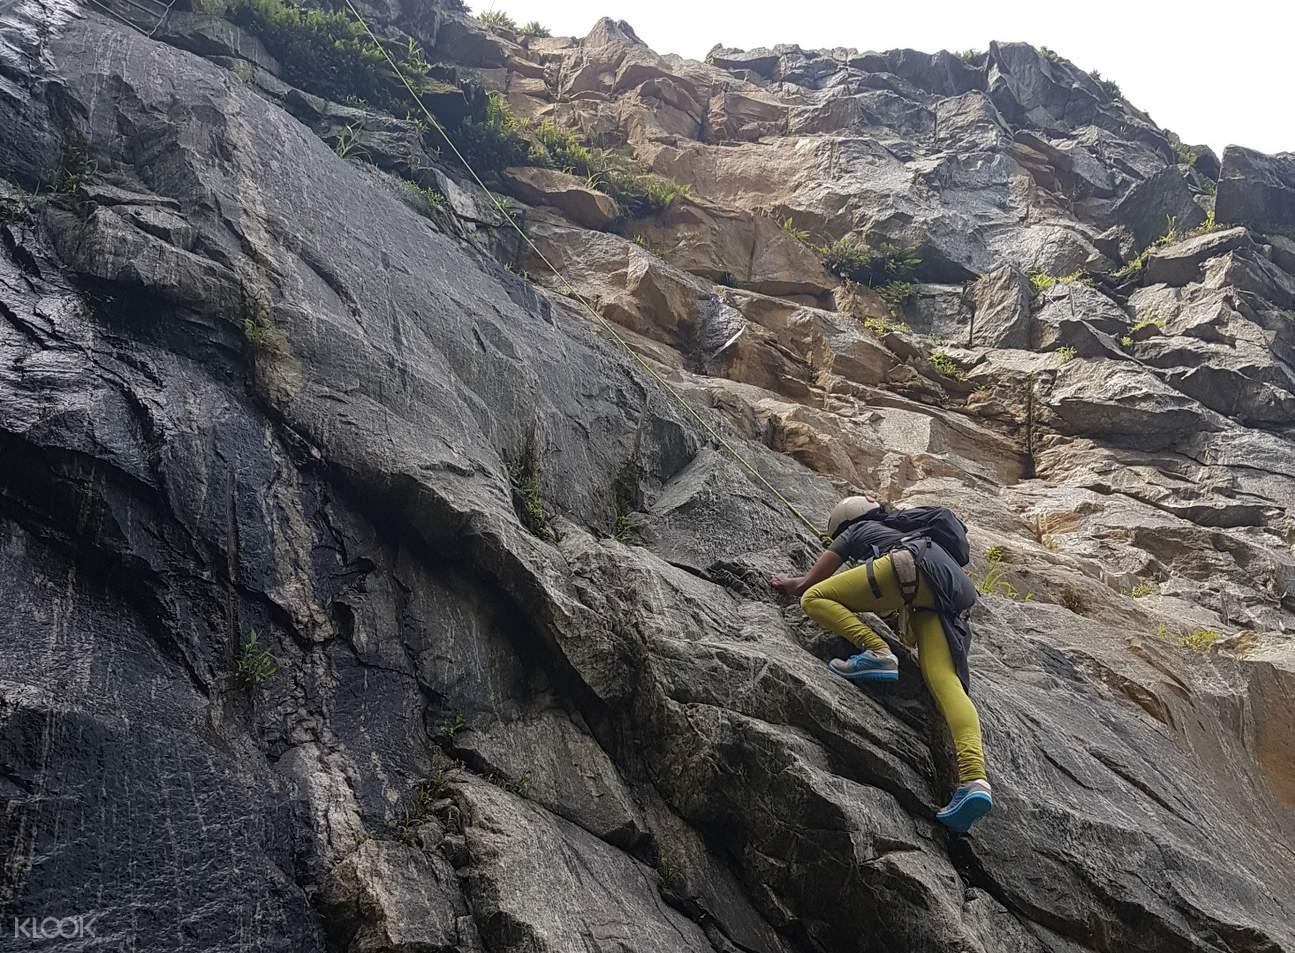 库格岩石攀爬探险